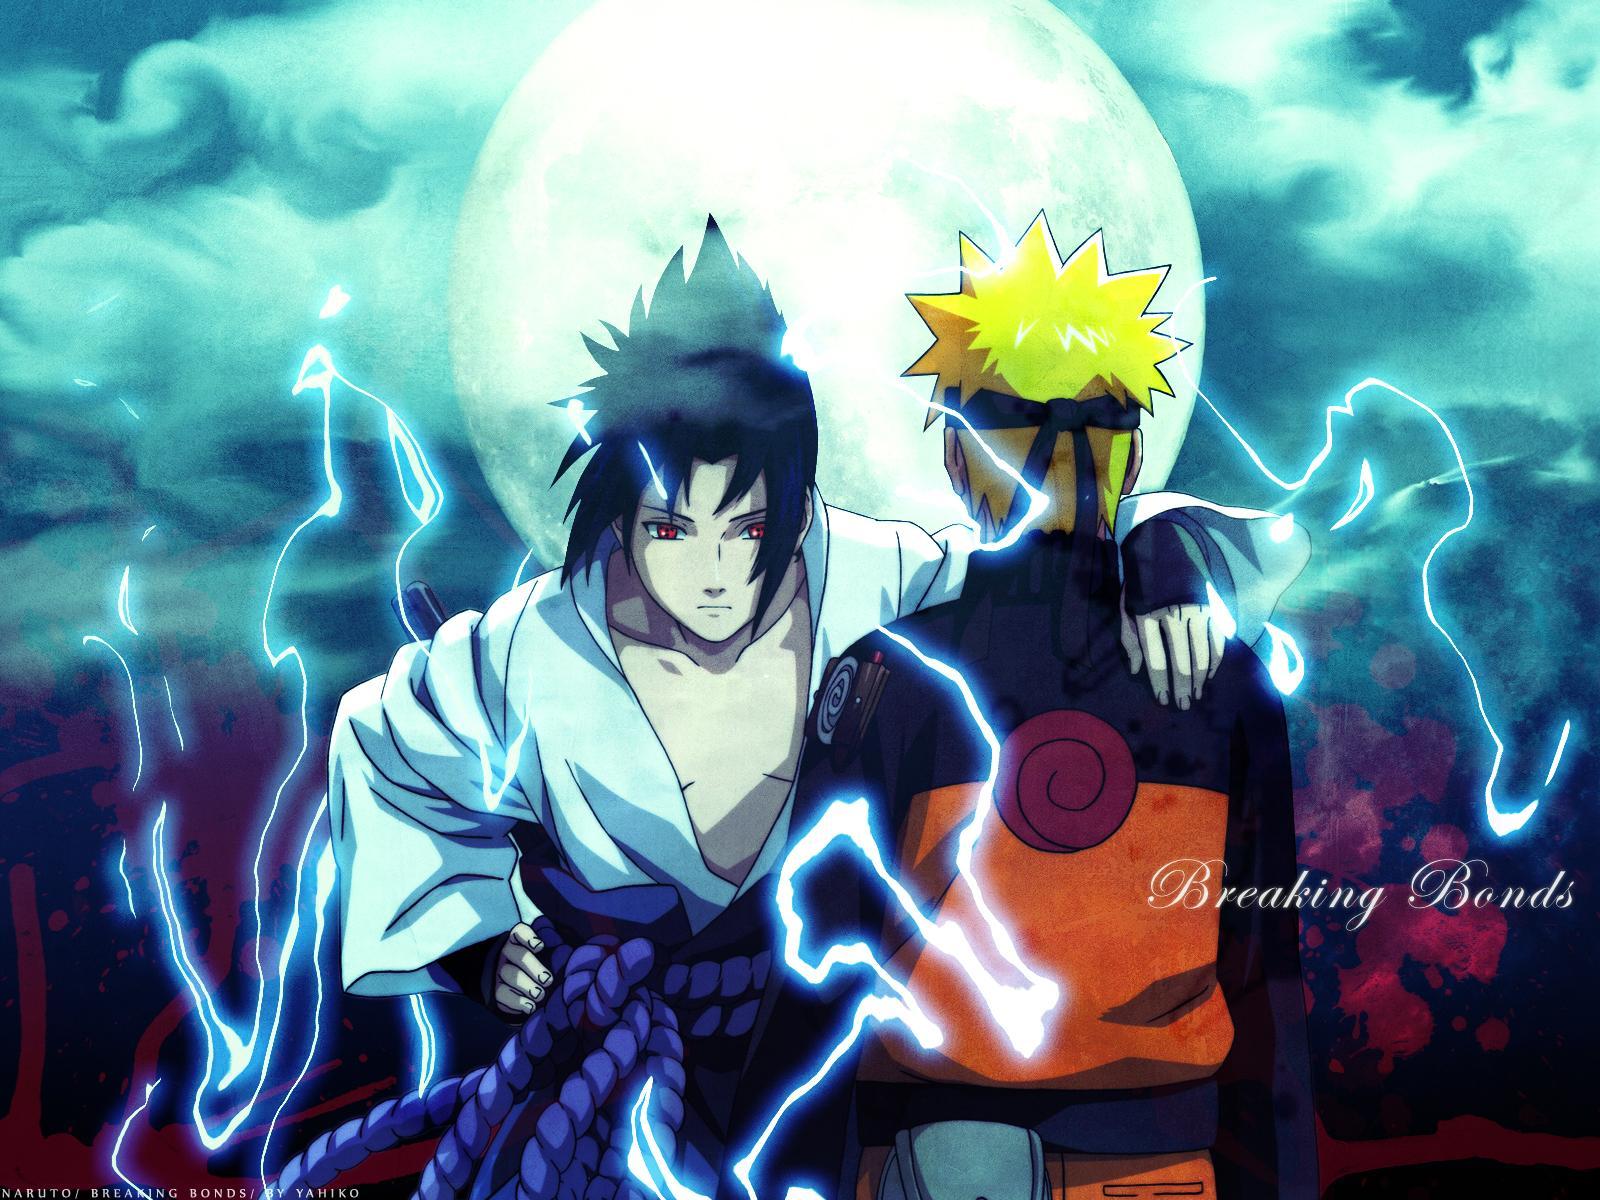 sasuke_naruto - Naruto Shippuuden Wallpaper (29694838) - Fanpop